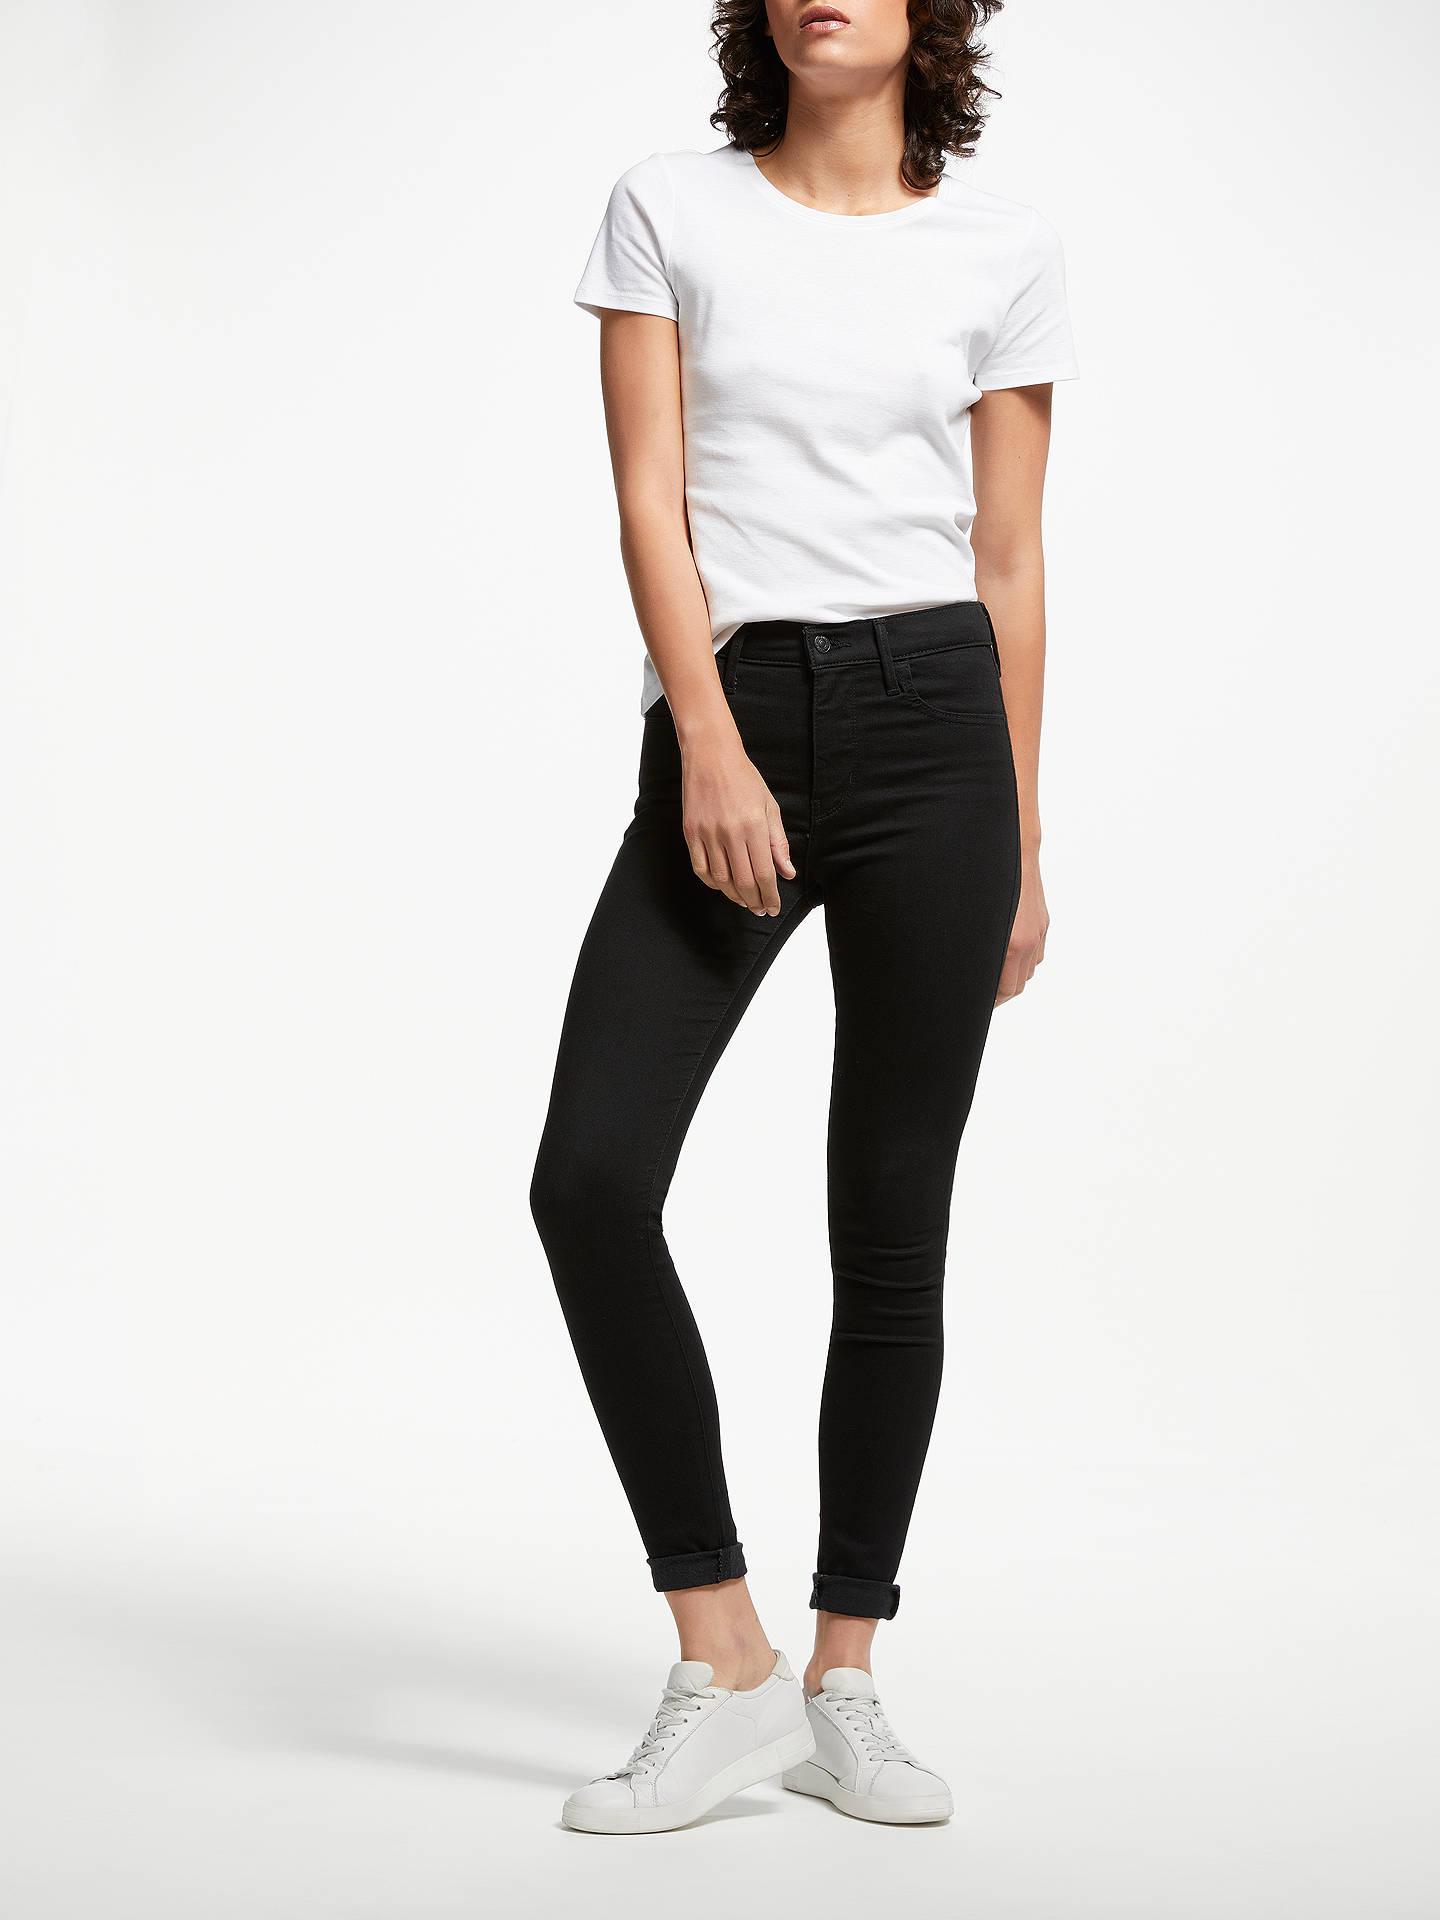 e5da1144eae ... Buy Levi's 720 High Rise Super Skinny Jeans, Black Galaxy, W27/L30  Online ...